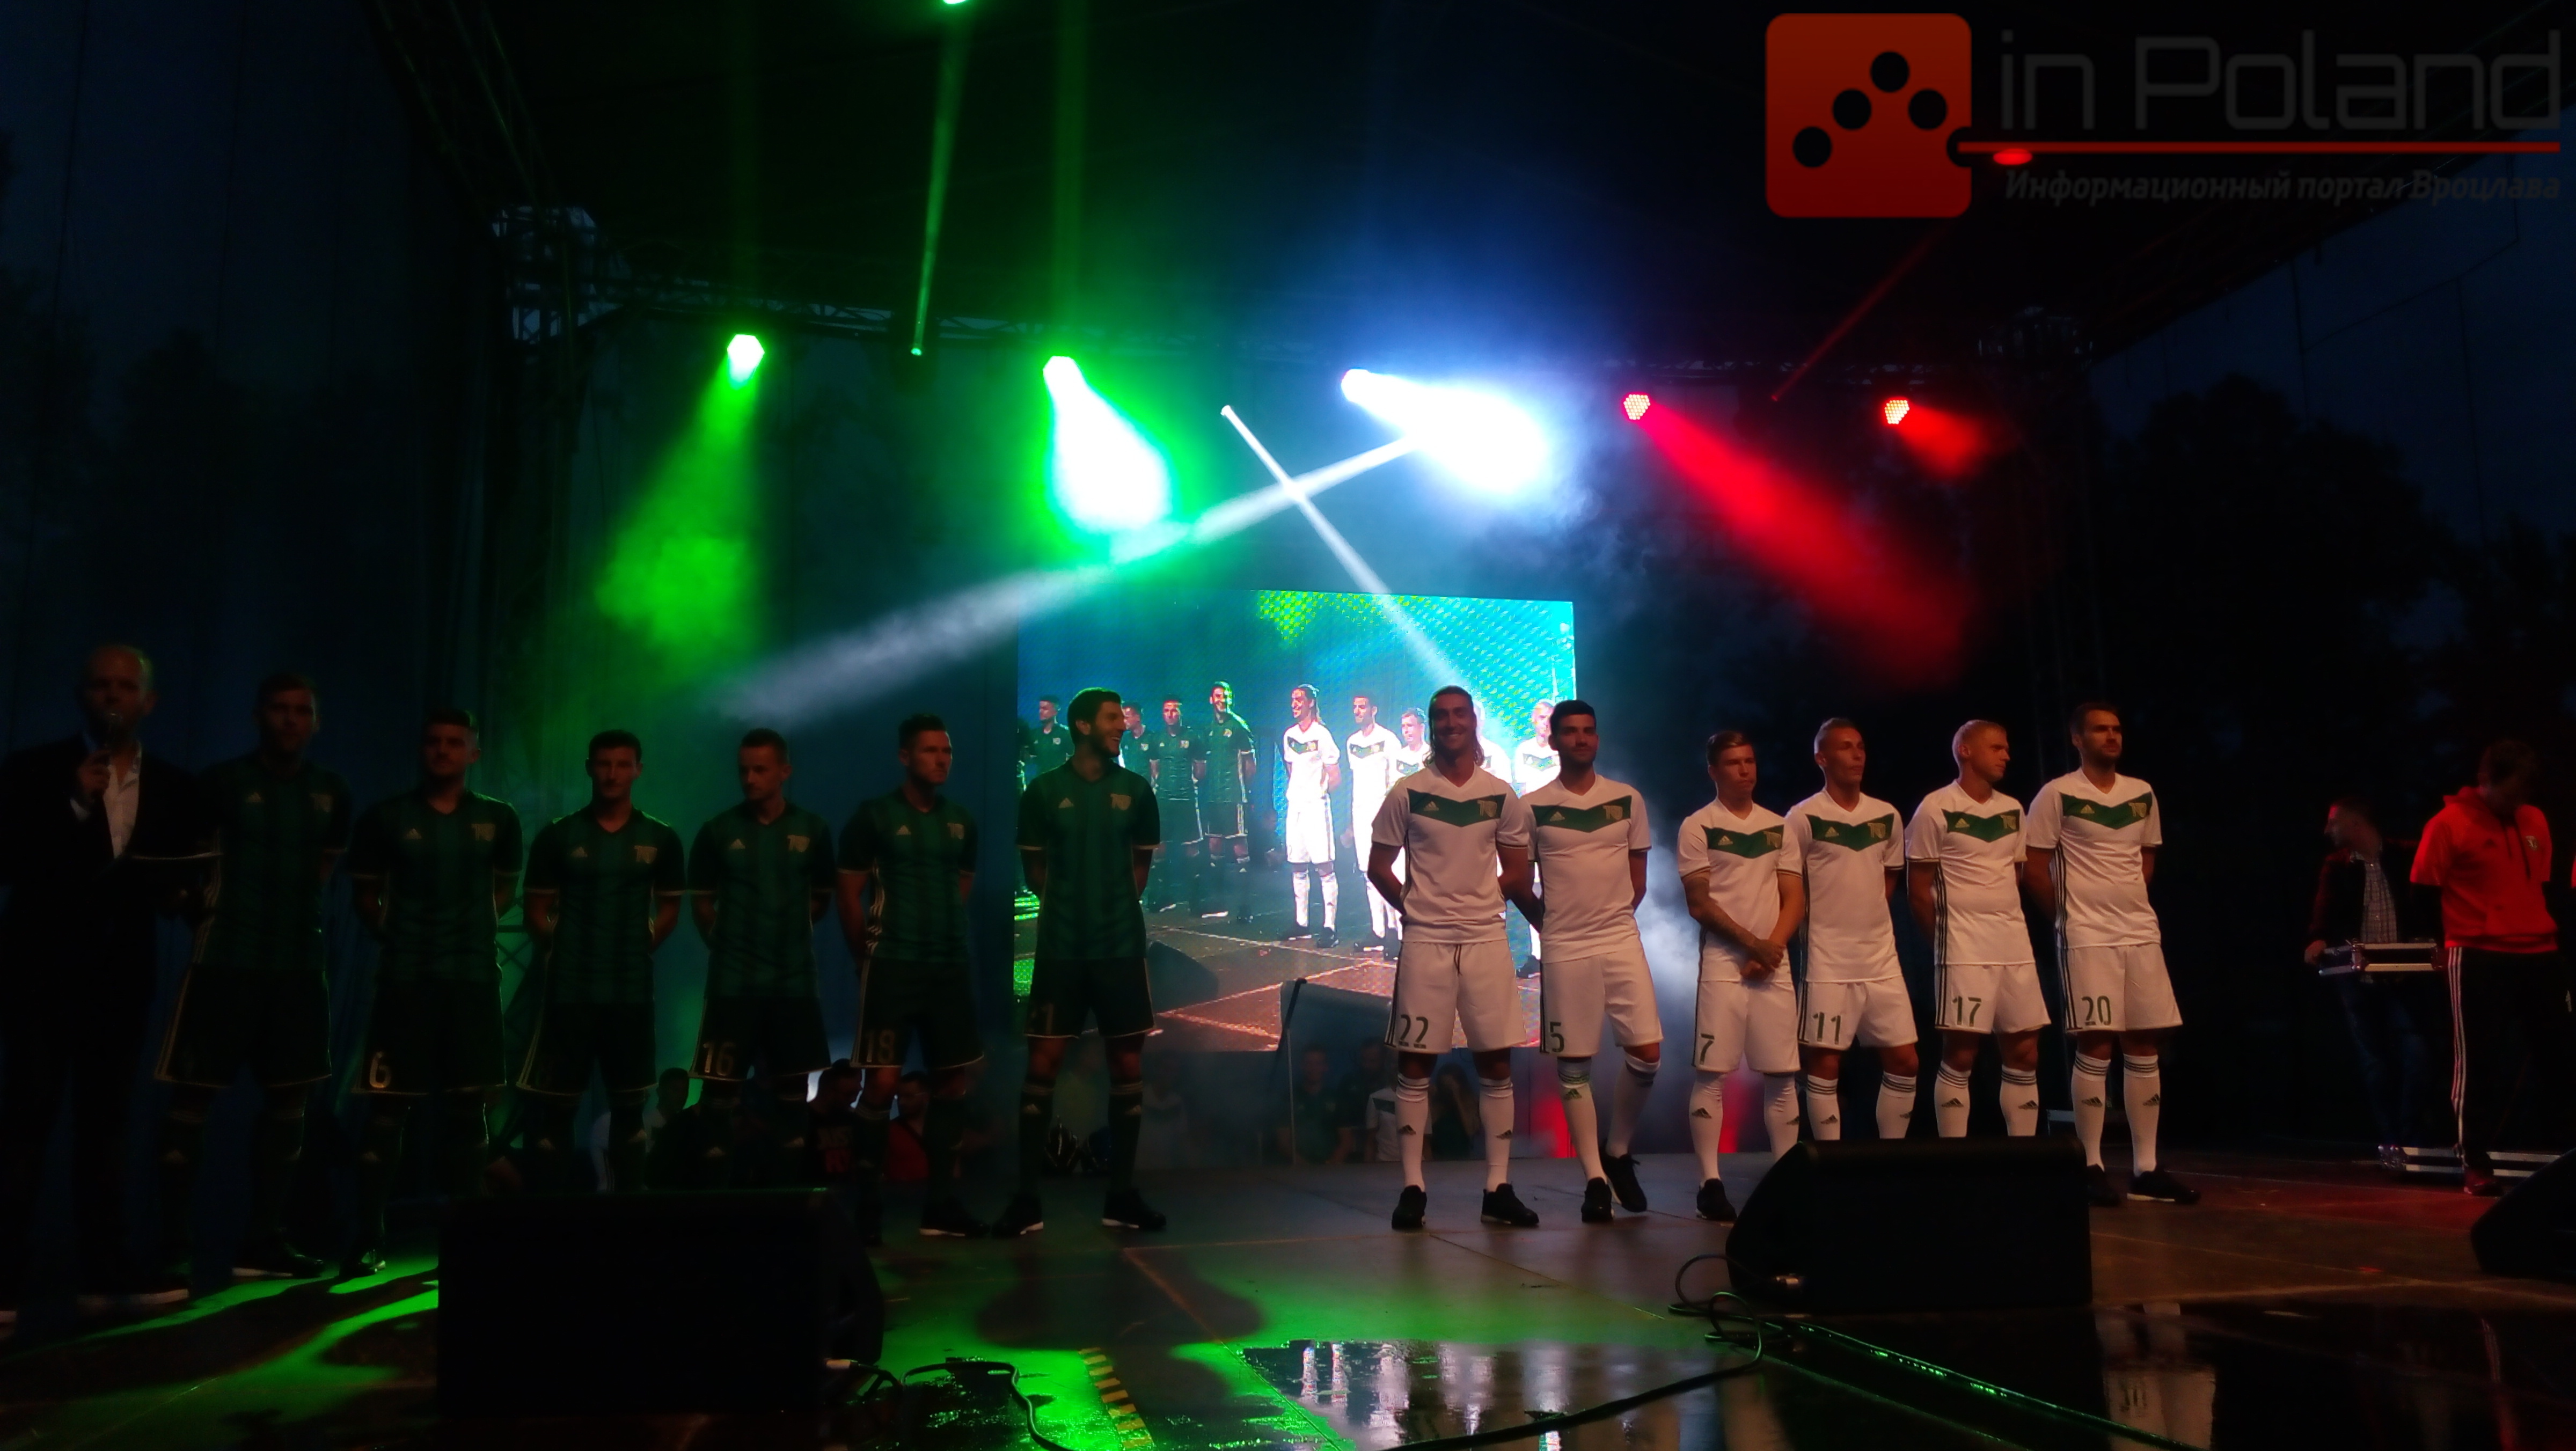 Відбулося офіційне представлення першої команди Шльонська (ФОТО)